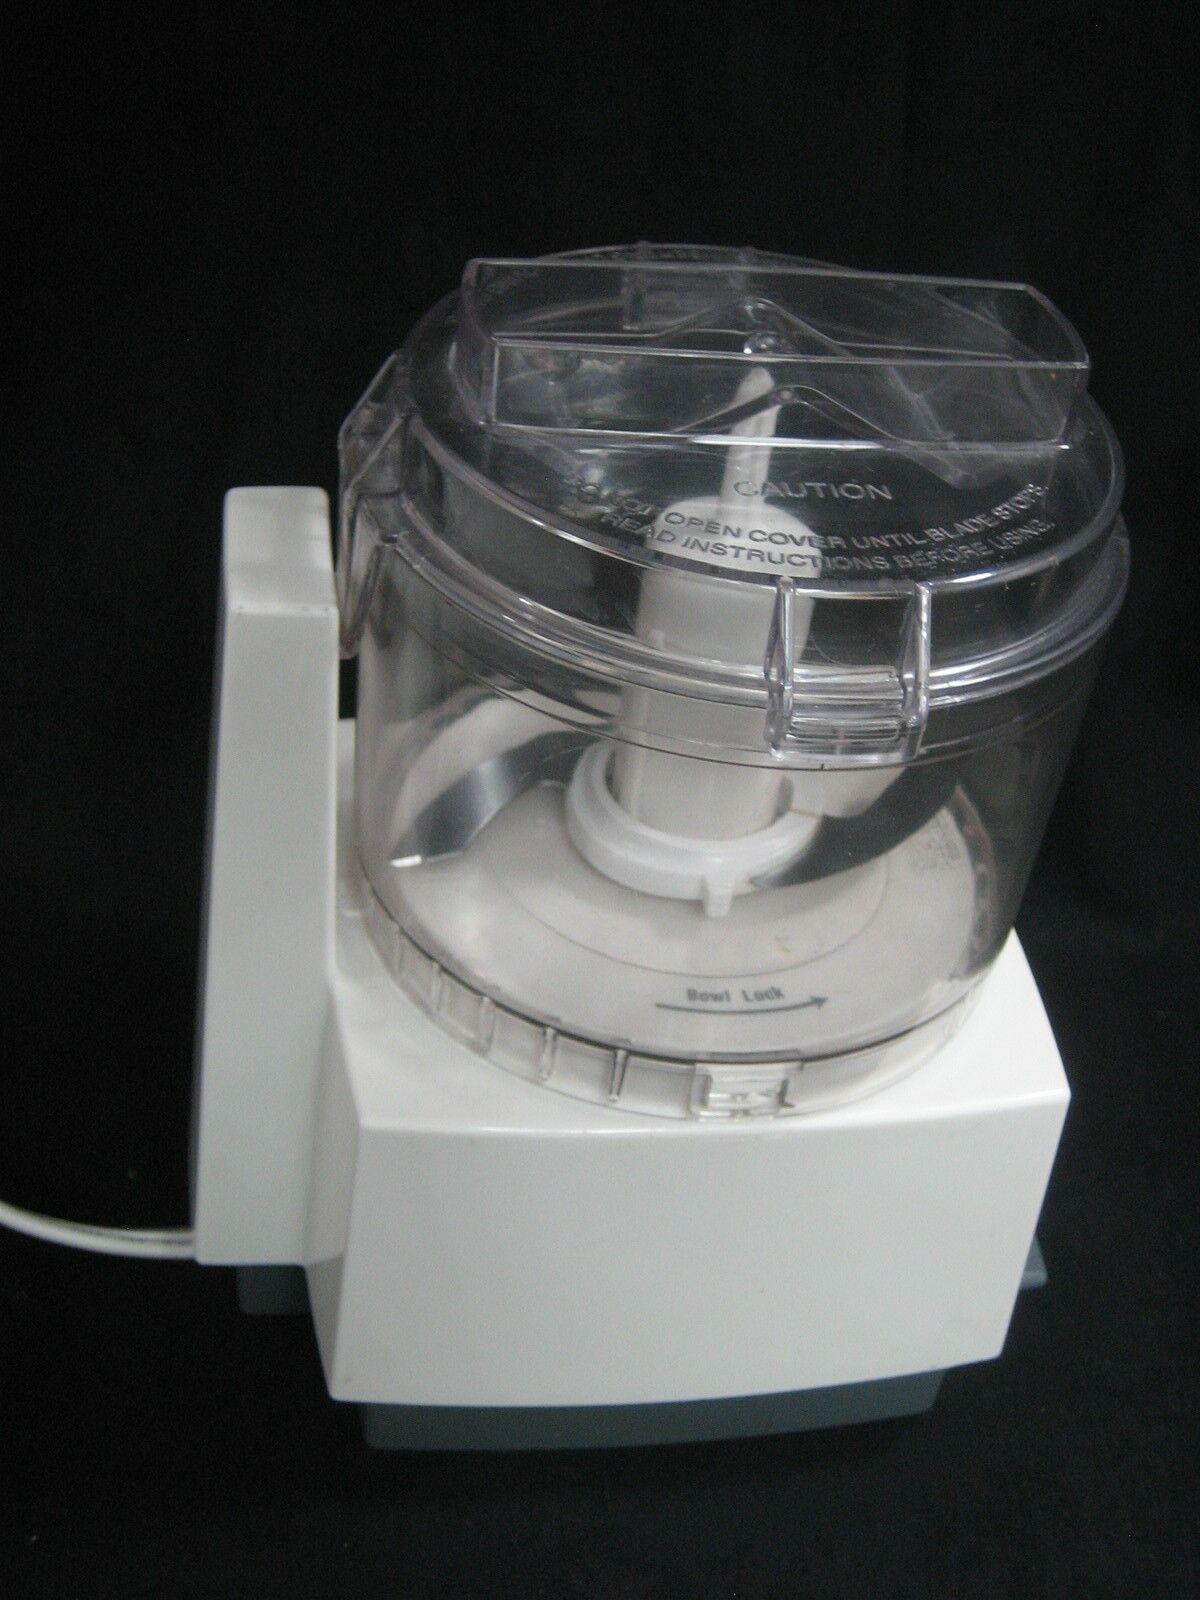 Cuisinart Mini-Prep Food Processor 250 Watt image 2